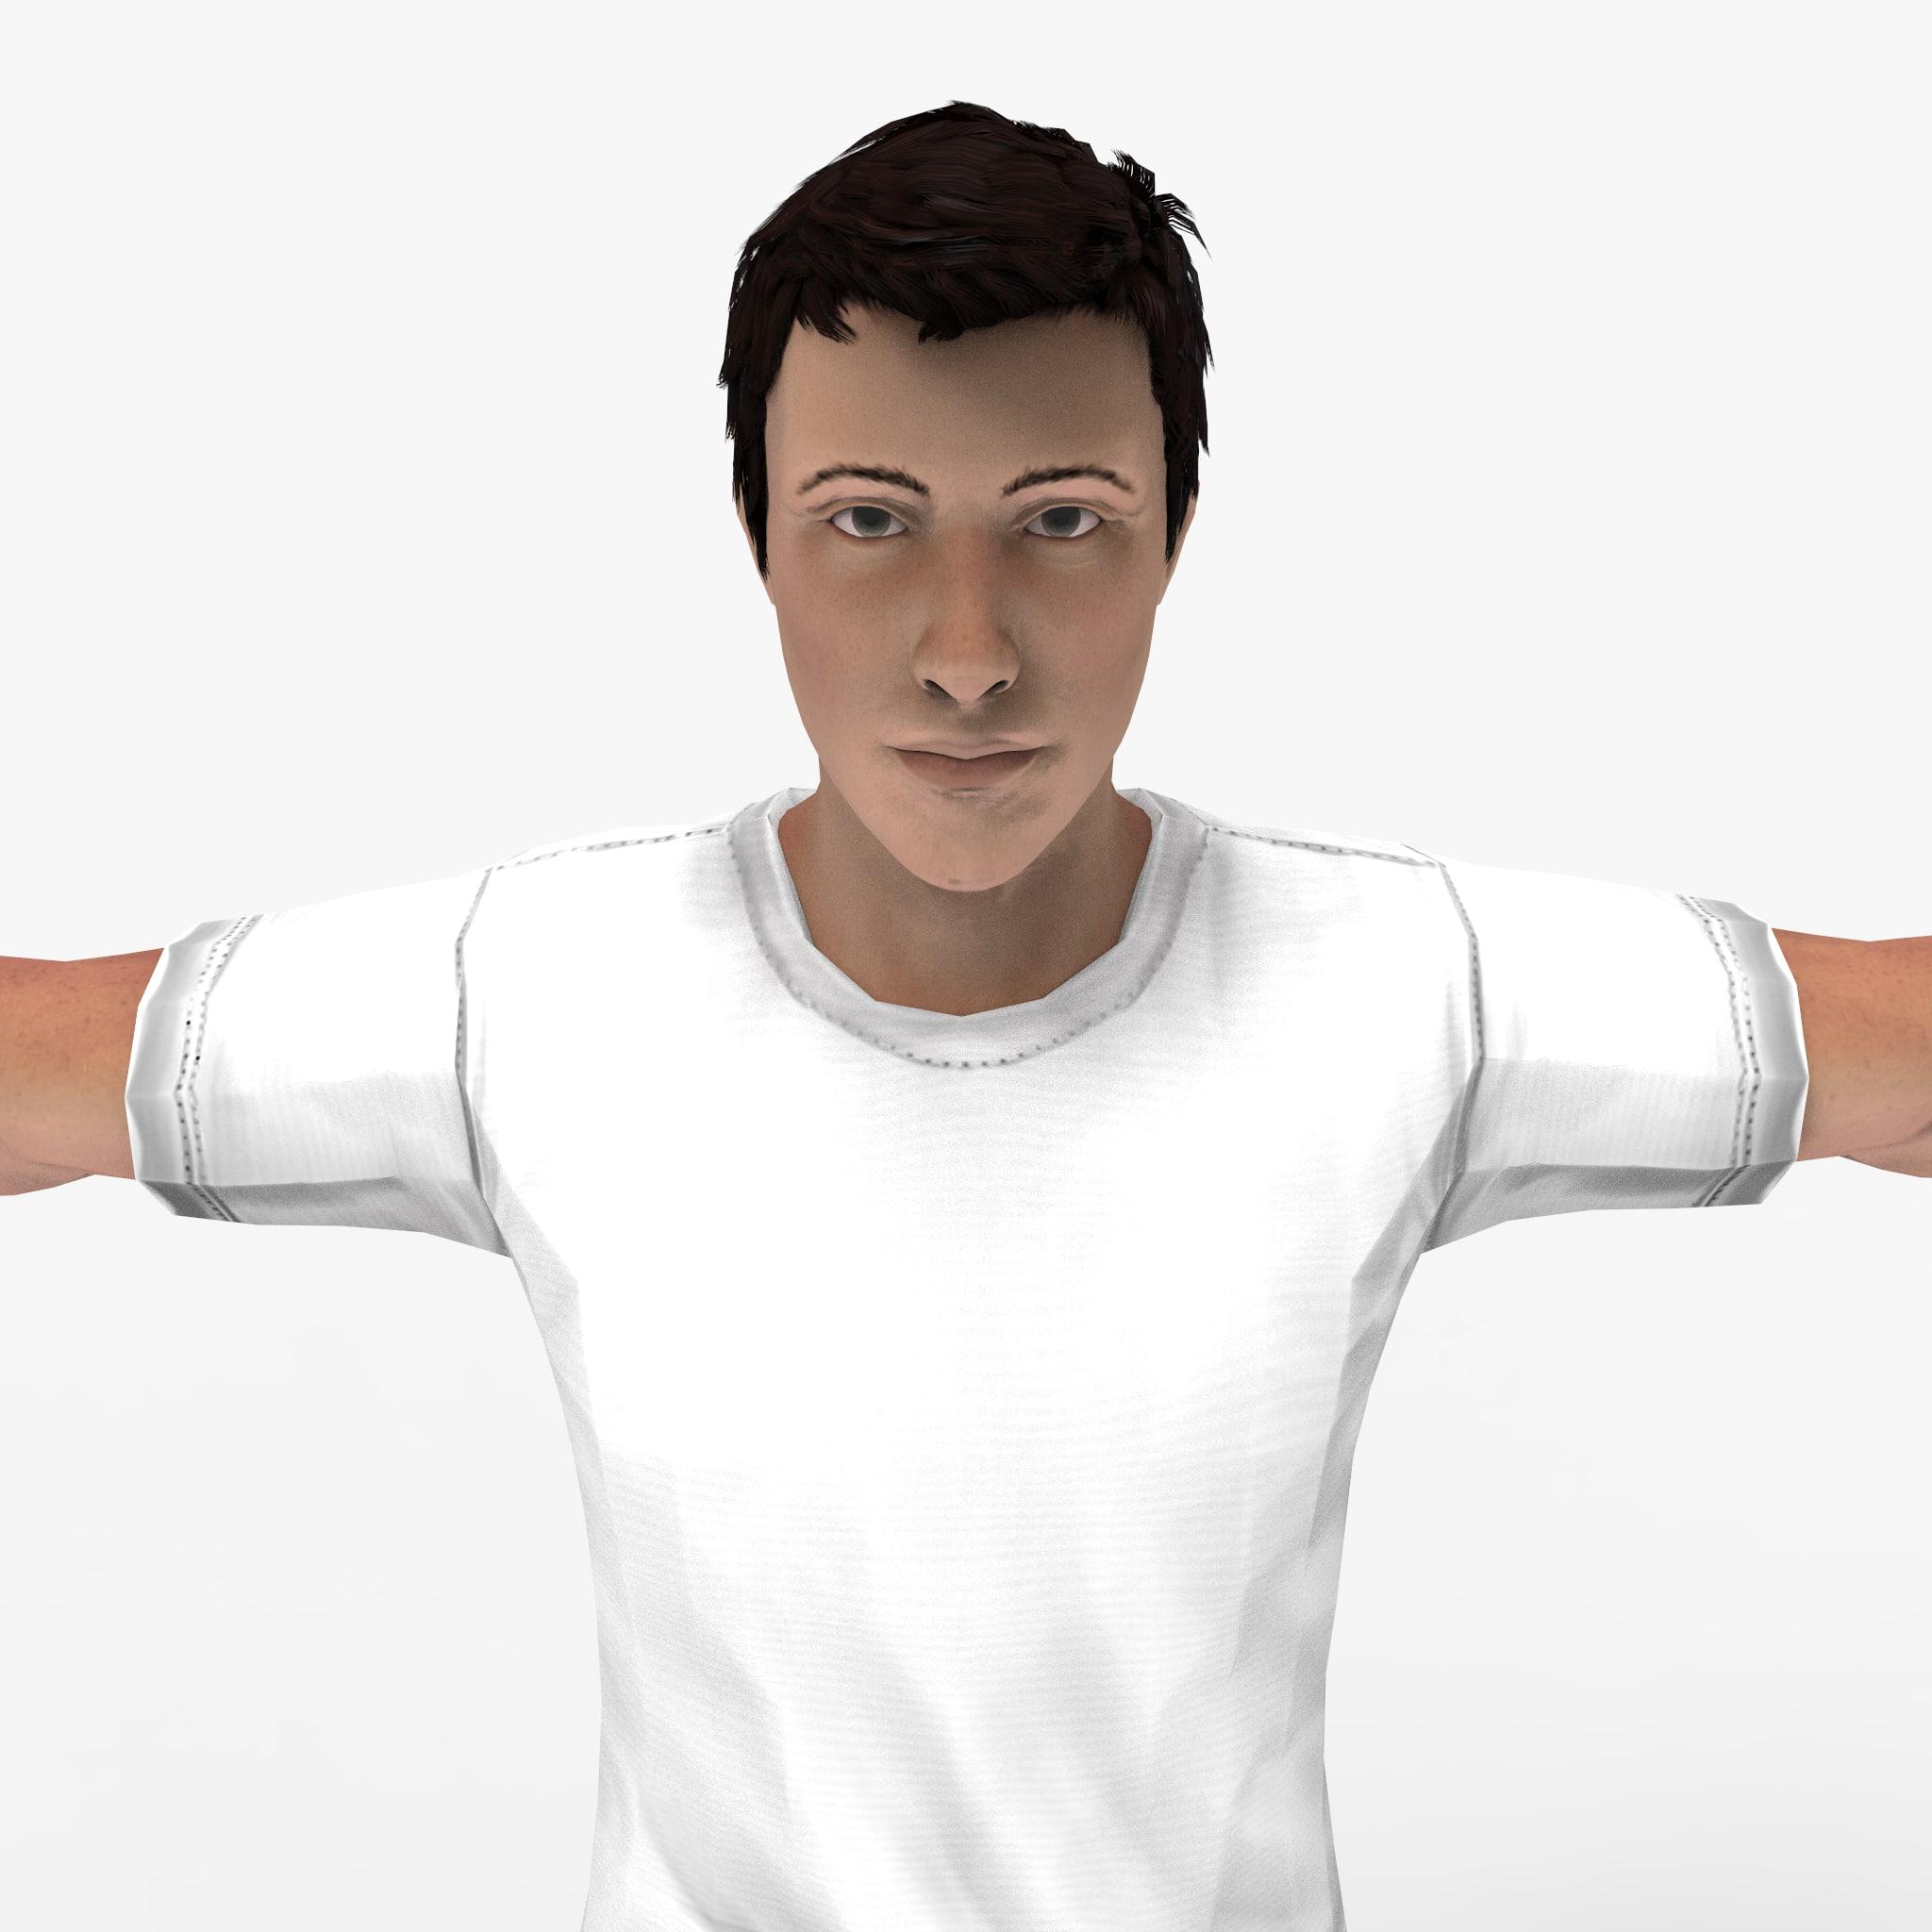 3d model of human man